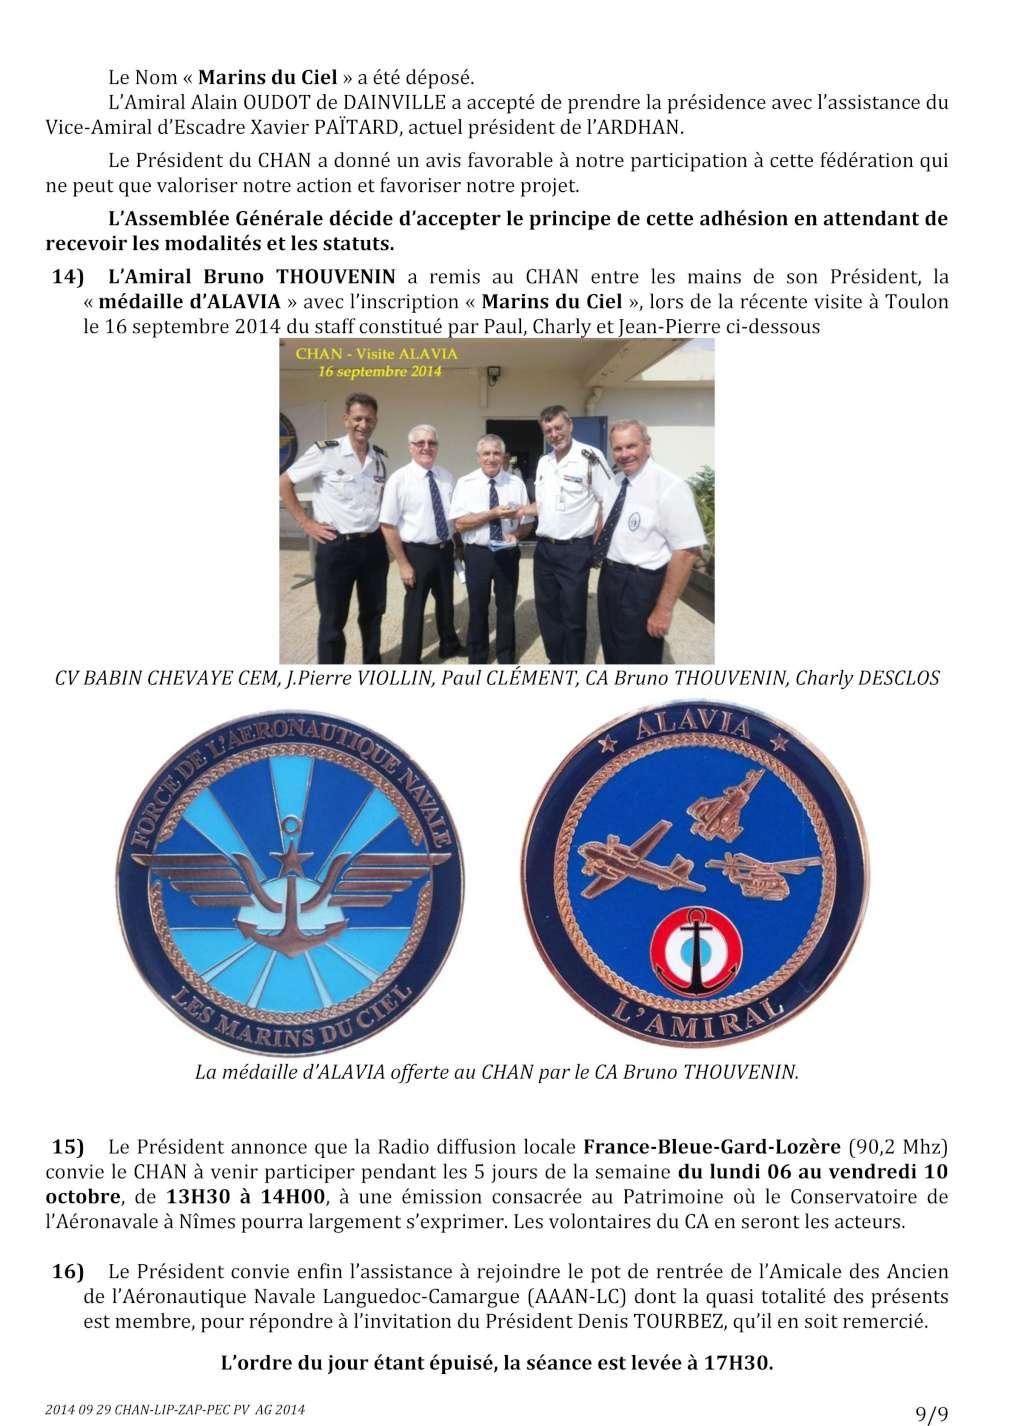 [Associations anciens marins] C.H.A.N.-Nîmes (Conservatoire Historique de l'Aéronavale-Nîmes) - Page 2 2014_031